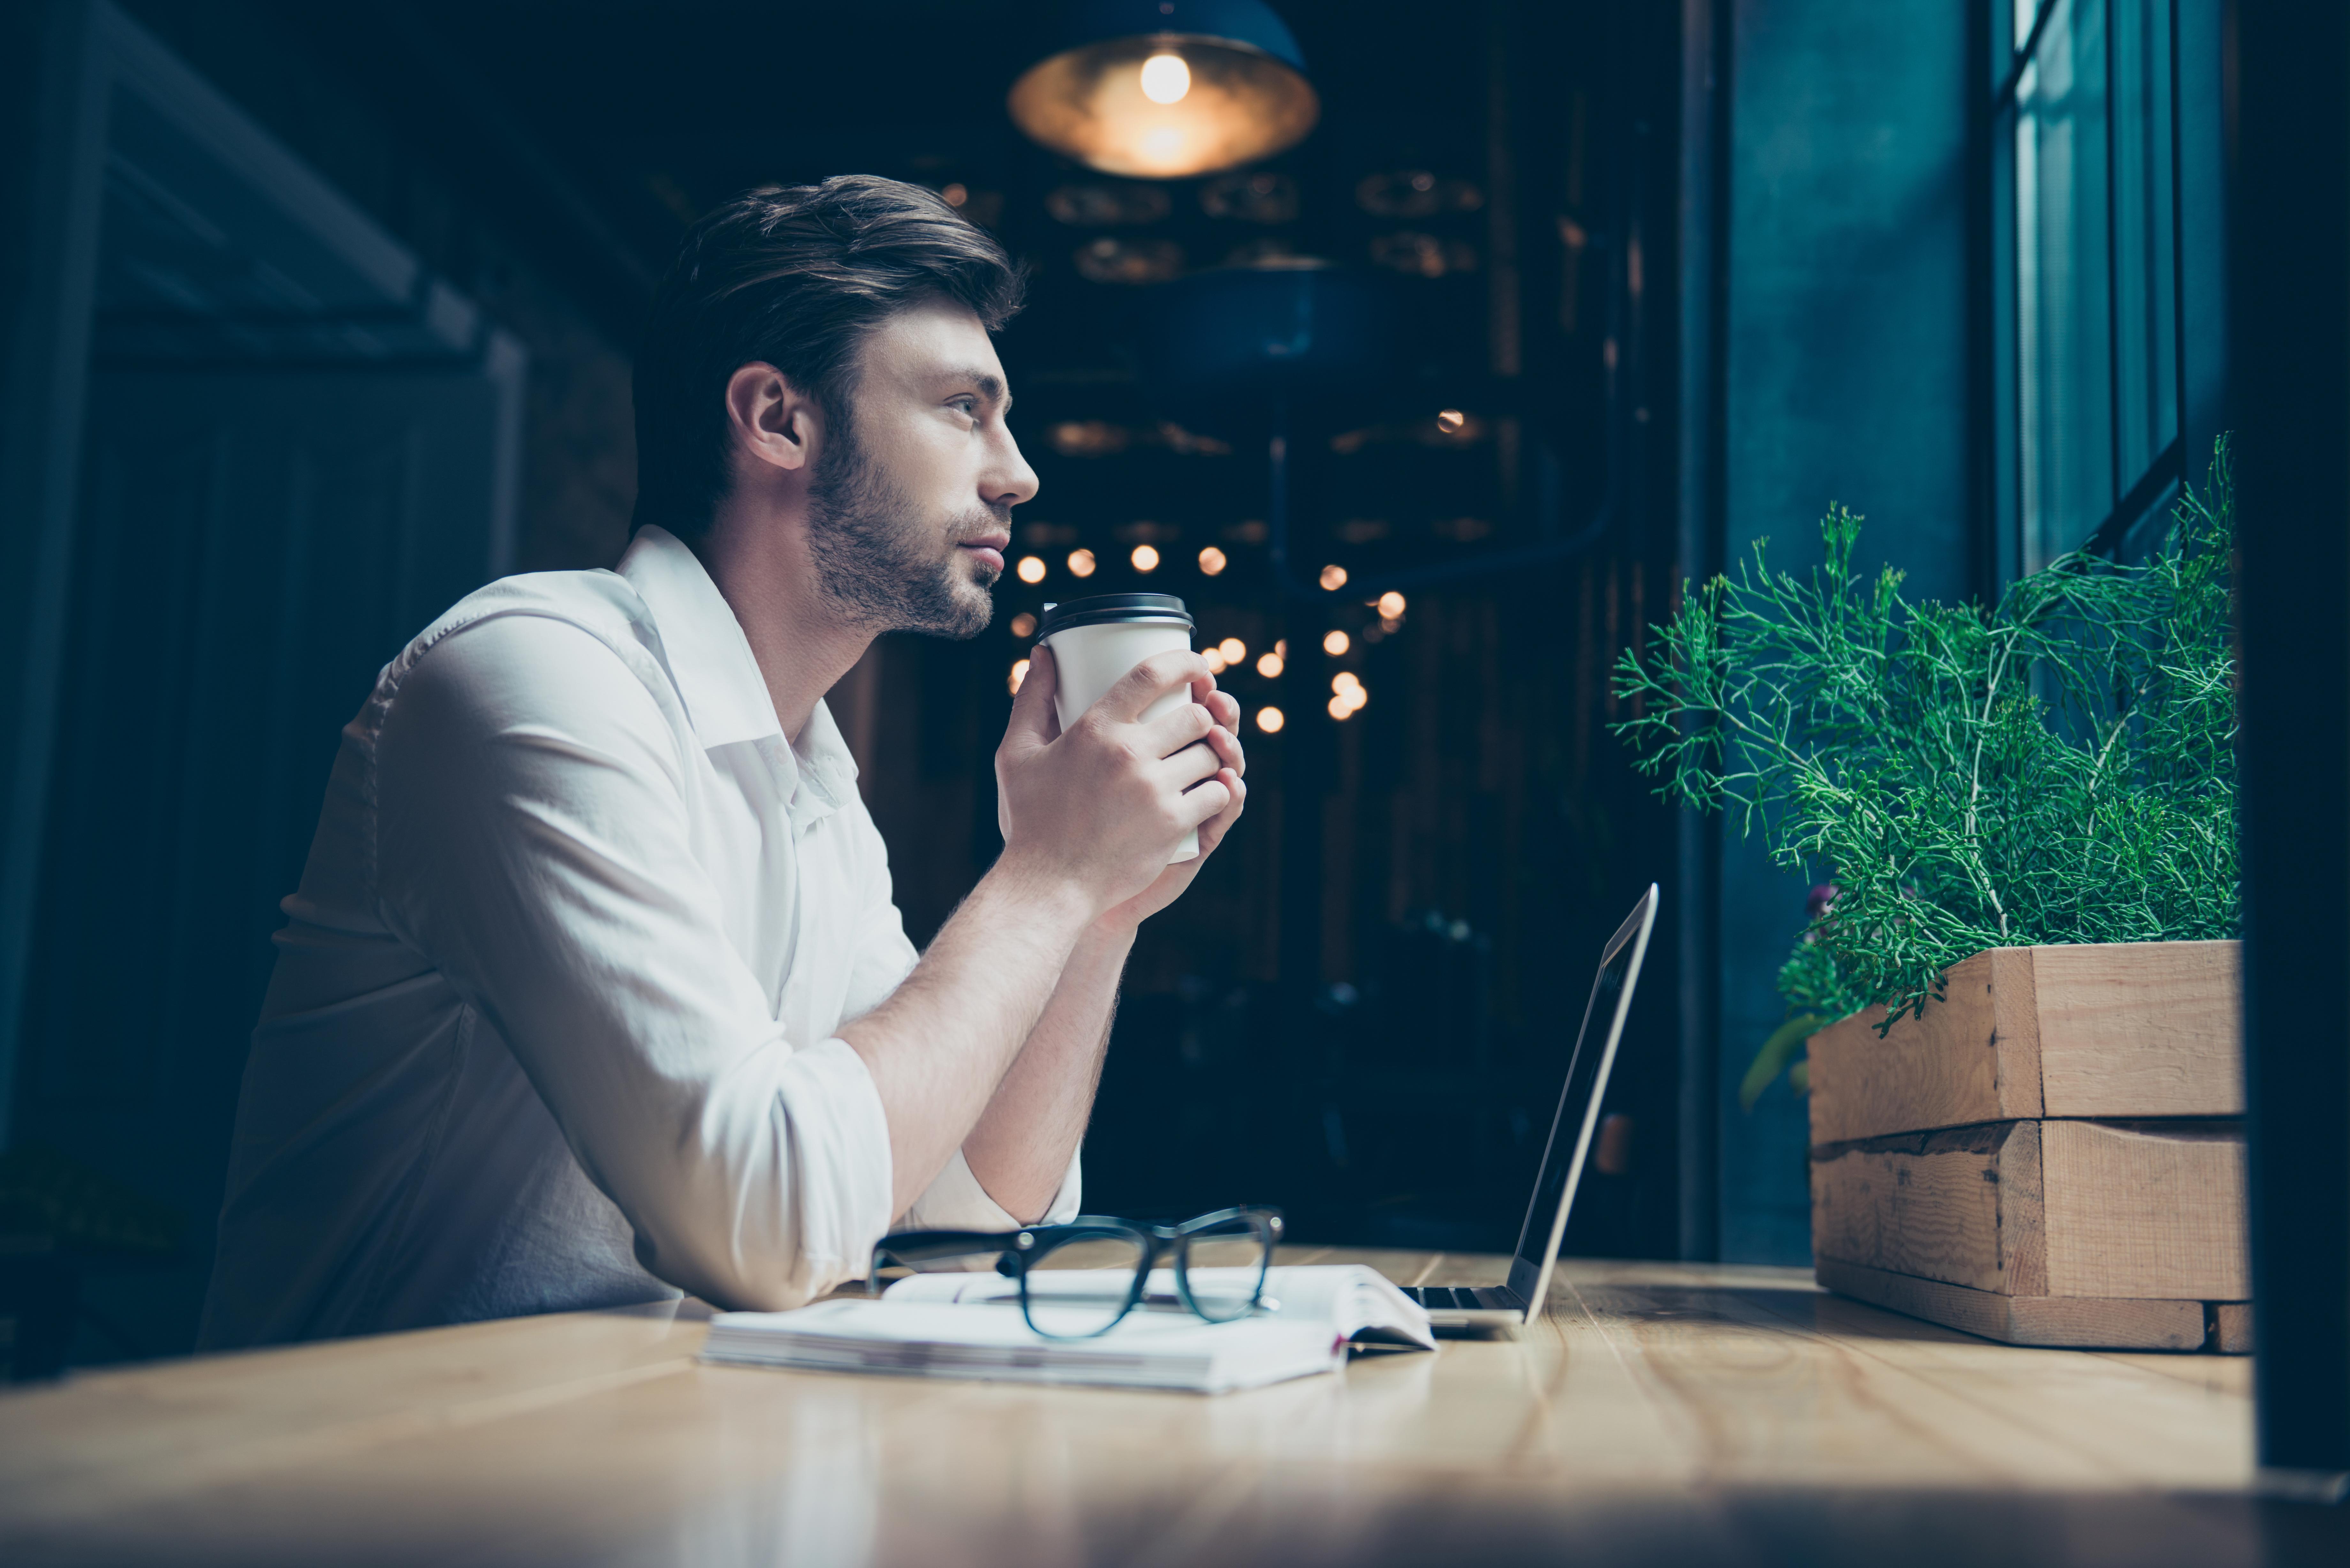 Imprenditore Sereno: La Gestione Dei Dipendenti Senza Pensieri